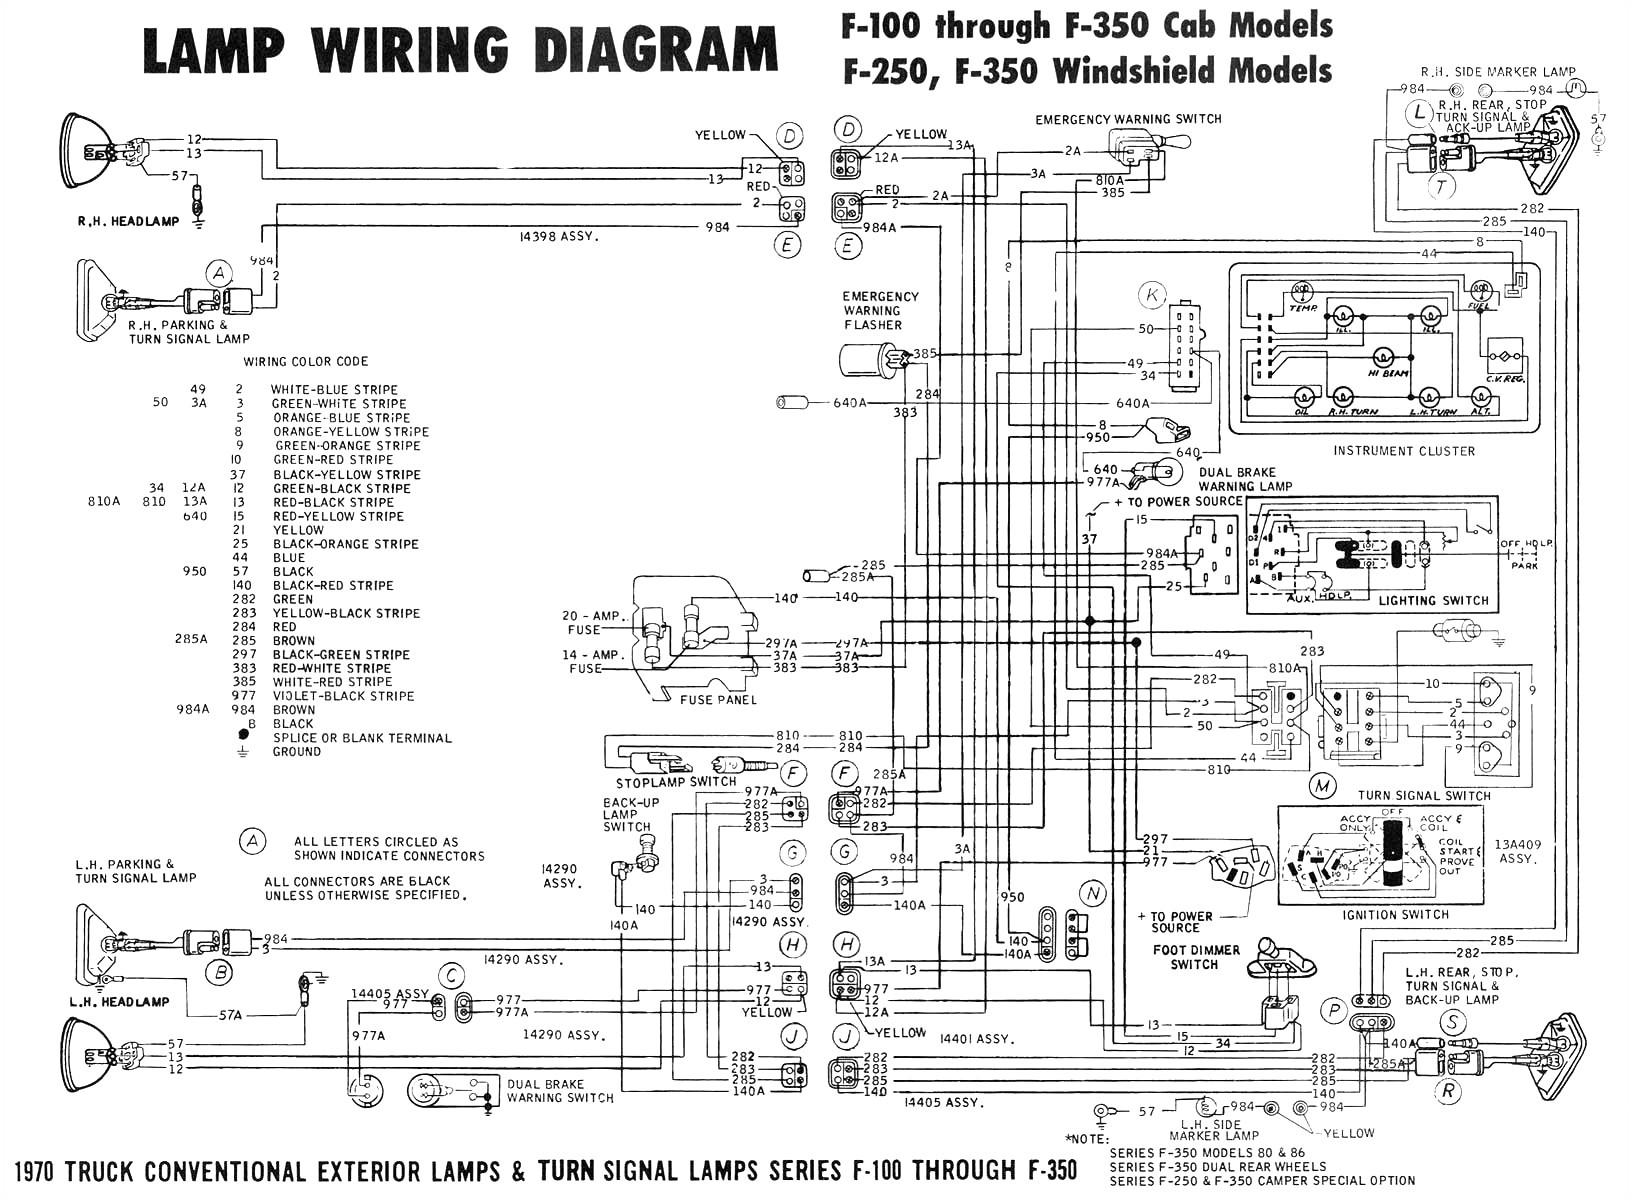 Chrysler Infinity Amp 36670 Wiring Diagram 1986 toyota Wiring Box Wiring Diagrams Bib